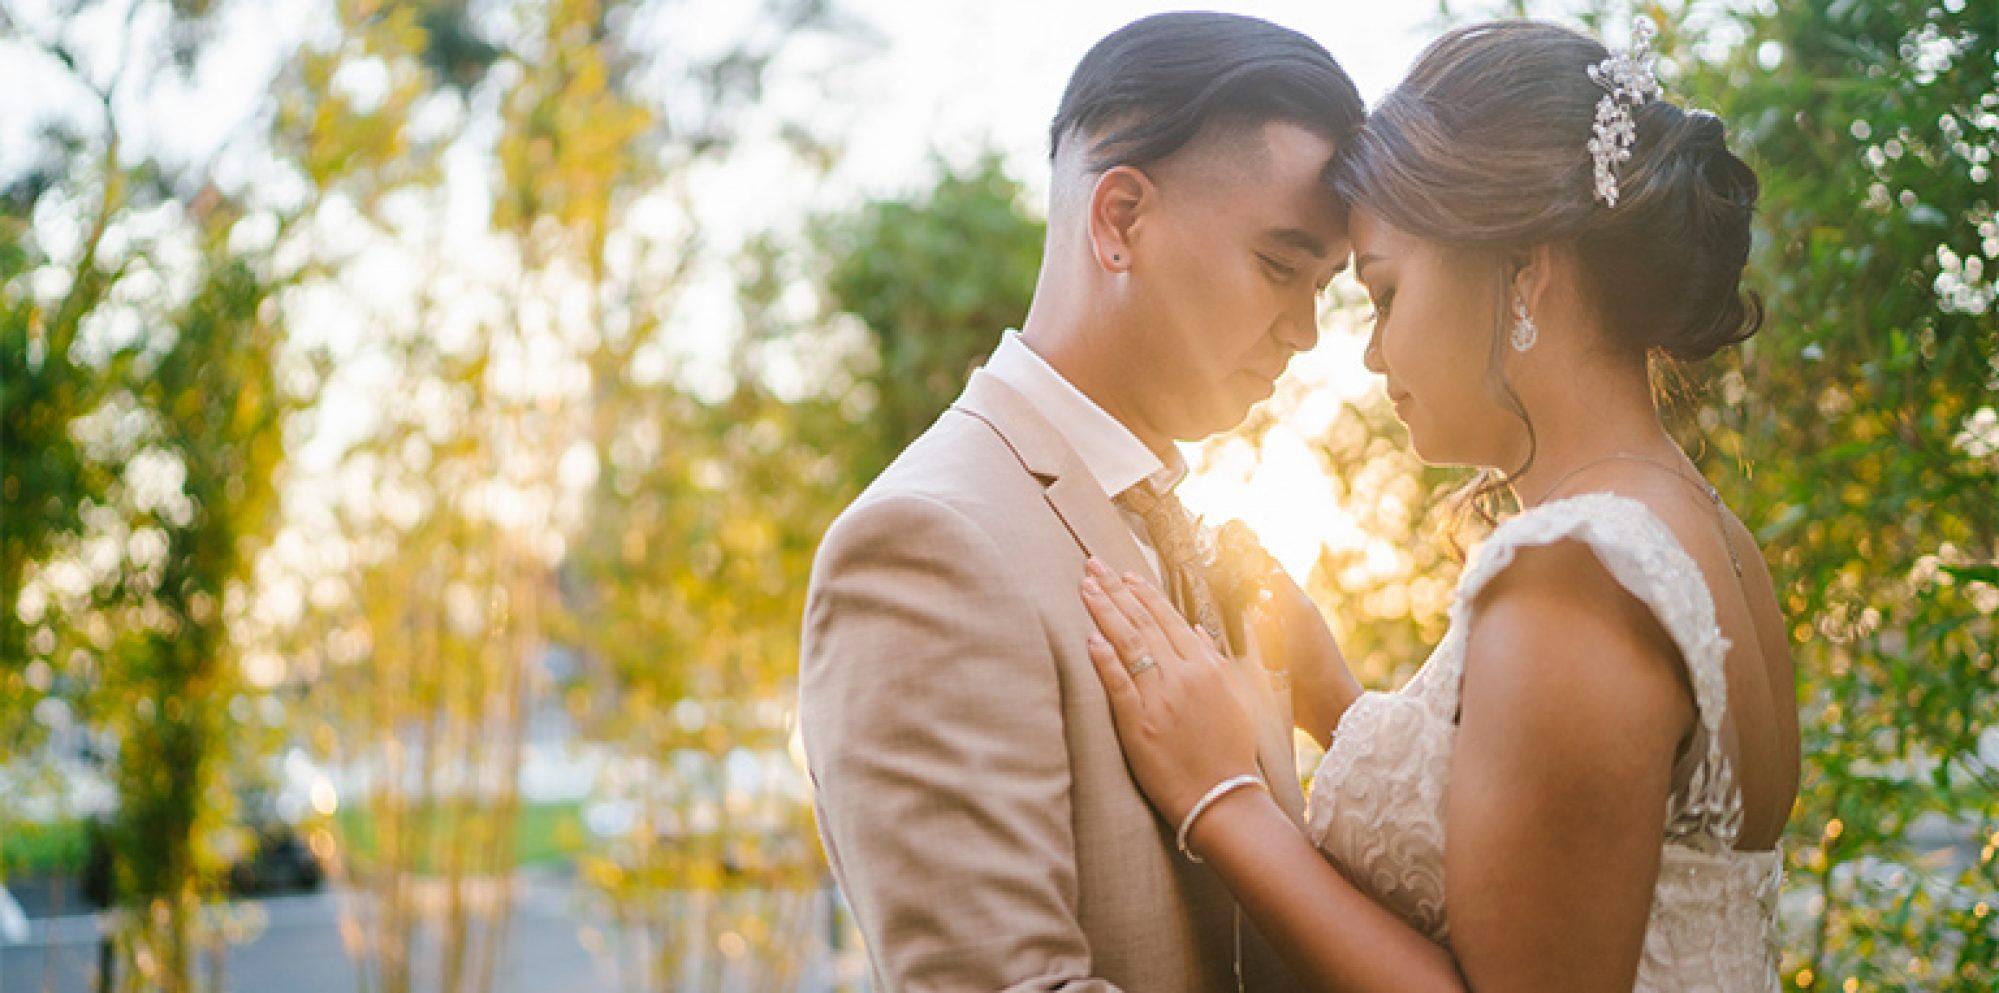 Noddy & hyacinth wedding photography @ ultima reception